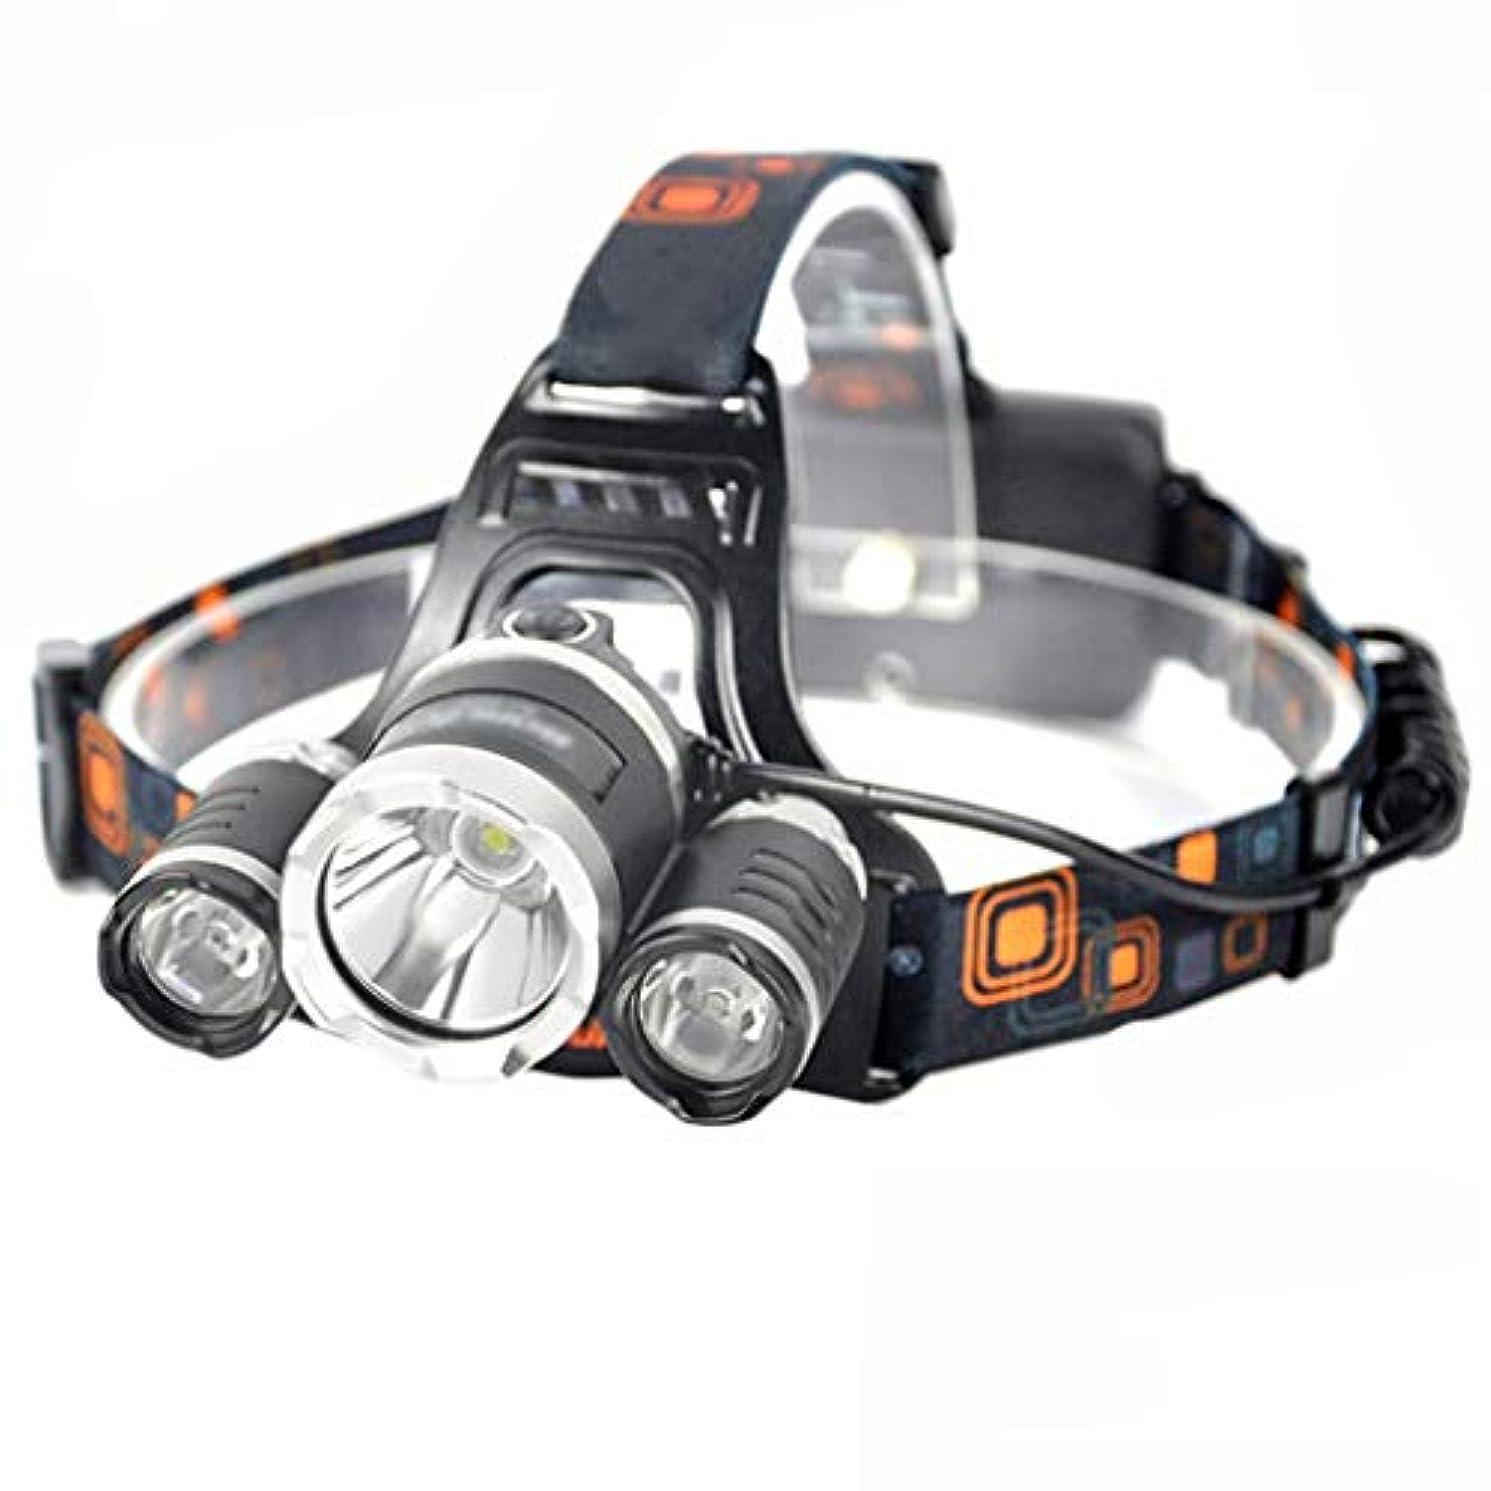 まともな不足送料夜釣りの鉱山労働者のヘッドキャンプライトアウトドアライディングワークライト、ランプヘッドは照明の方向を90度、4つの作業モード、釣り場の緊急LED鉱山労働者のヘッドウェアを調整することができます Qiuoorsqurp